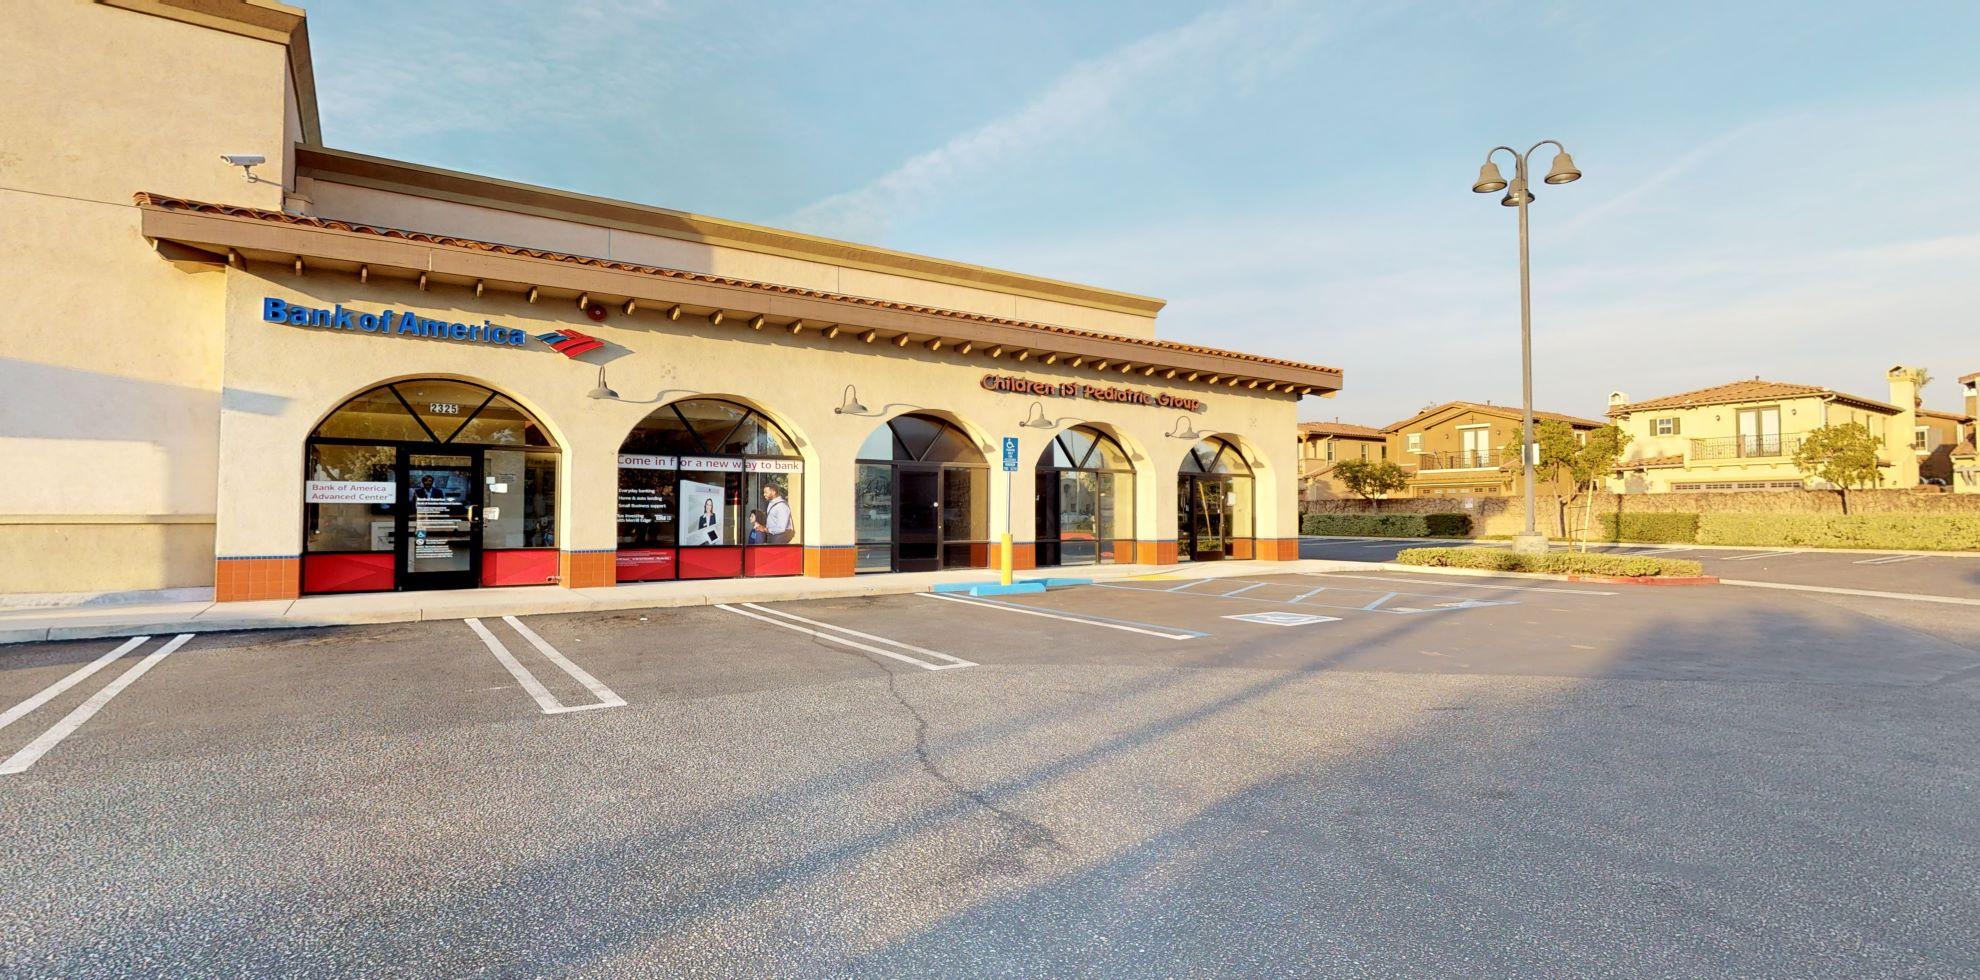 Bank of America Advanced Center with walk-up ATM | 2317 Huntington Dr, Duarte, CA 91010